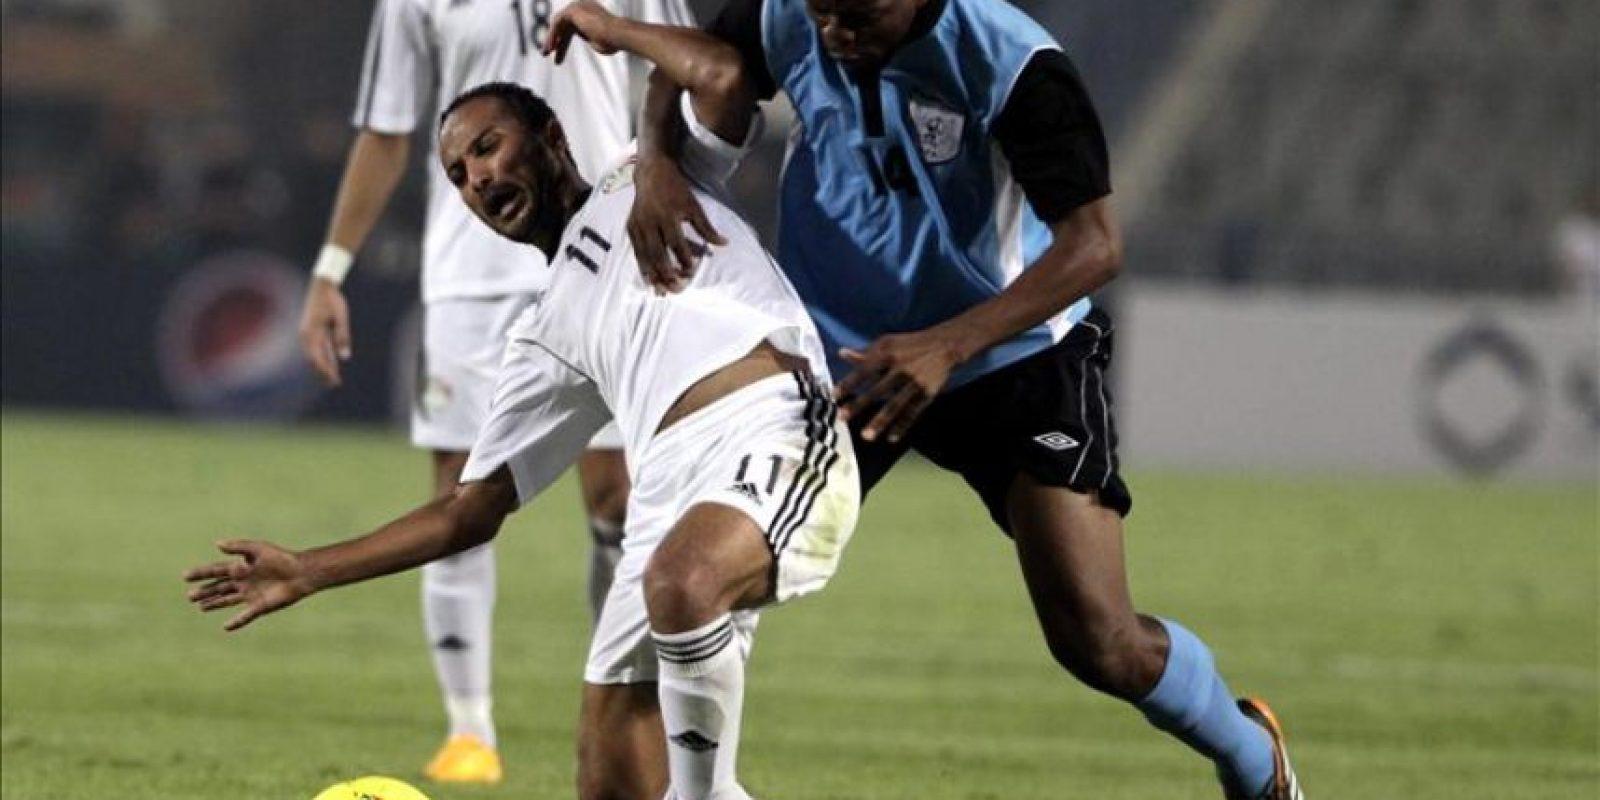 El jugador de Egipto Walid Suliman (i) disputa el balón Mokigatthi (d) Botswana el pasado 15 de octubre, durante un partido clasificatorio para la Copa Africana de Naciones celebrado en el estadio de El Cairo (Egipto). EFE/Archivo